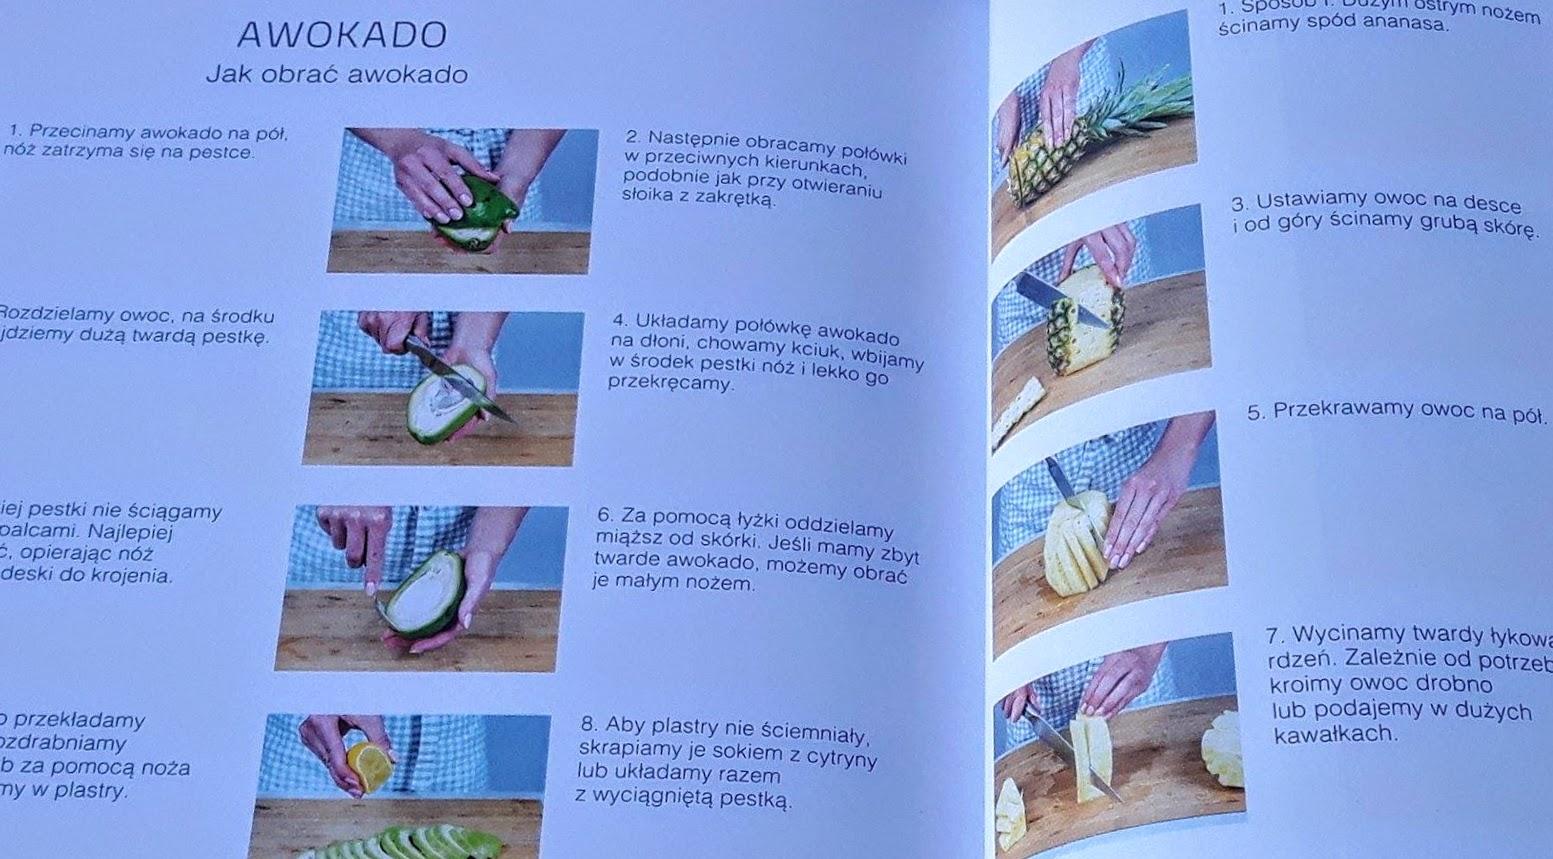 jak obrac awokado i ananasa